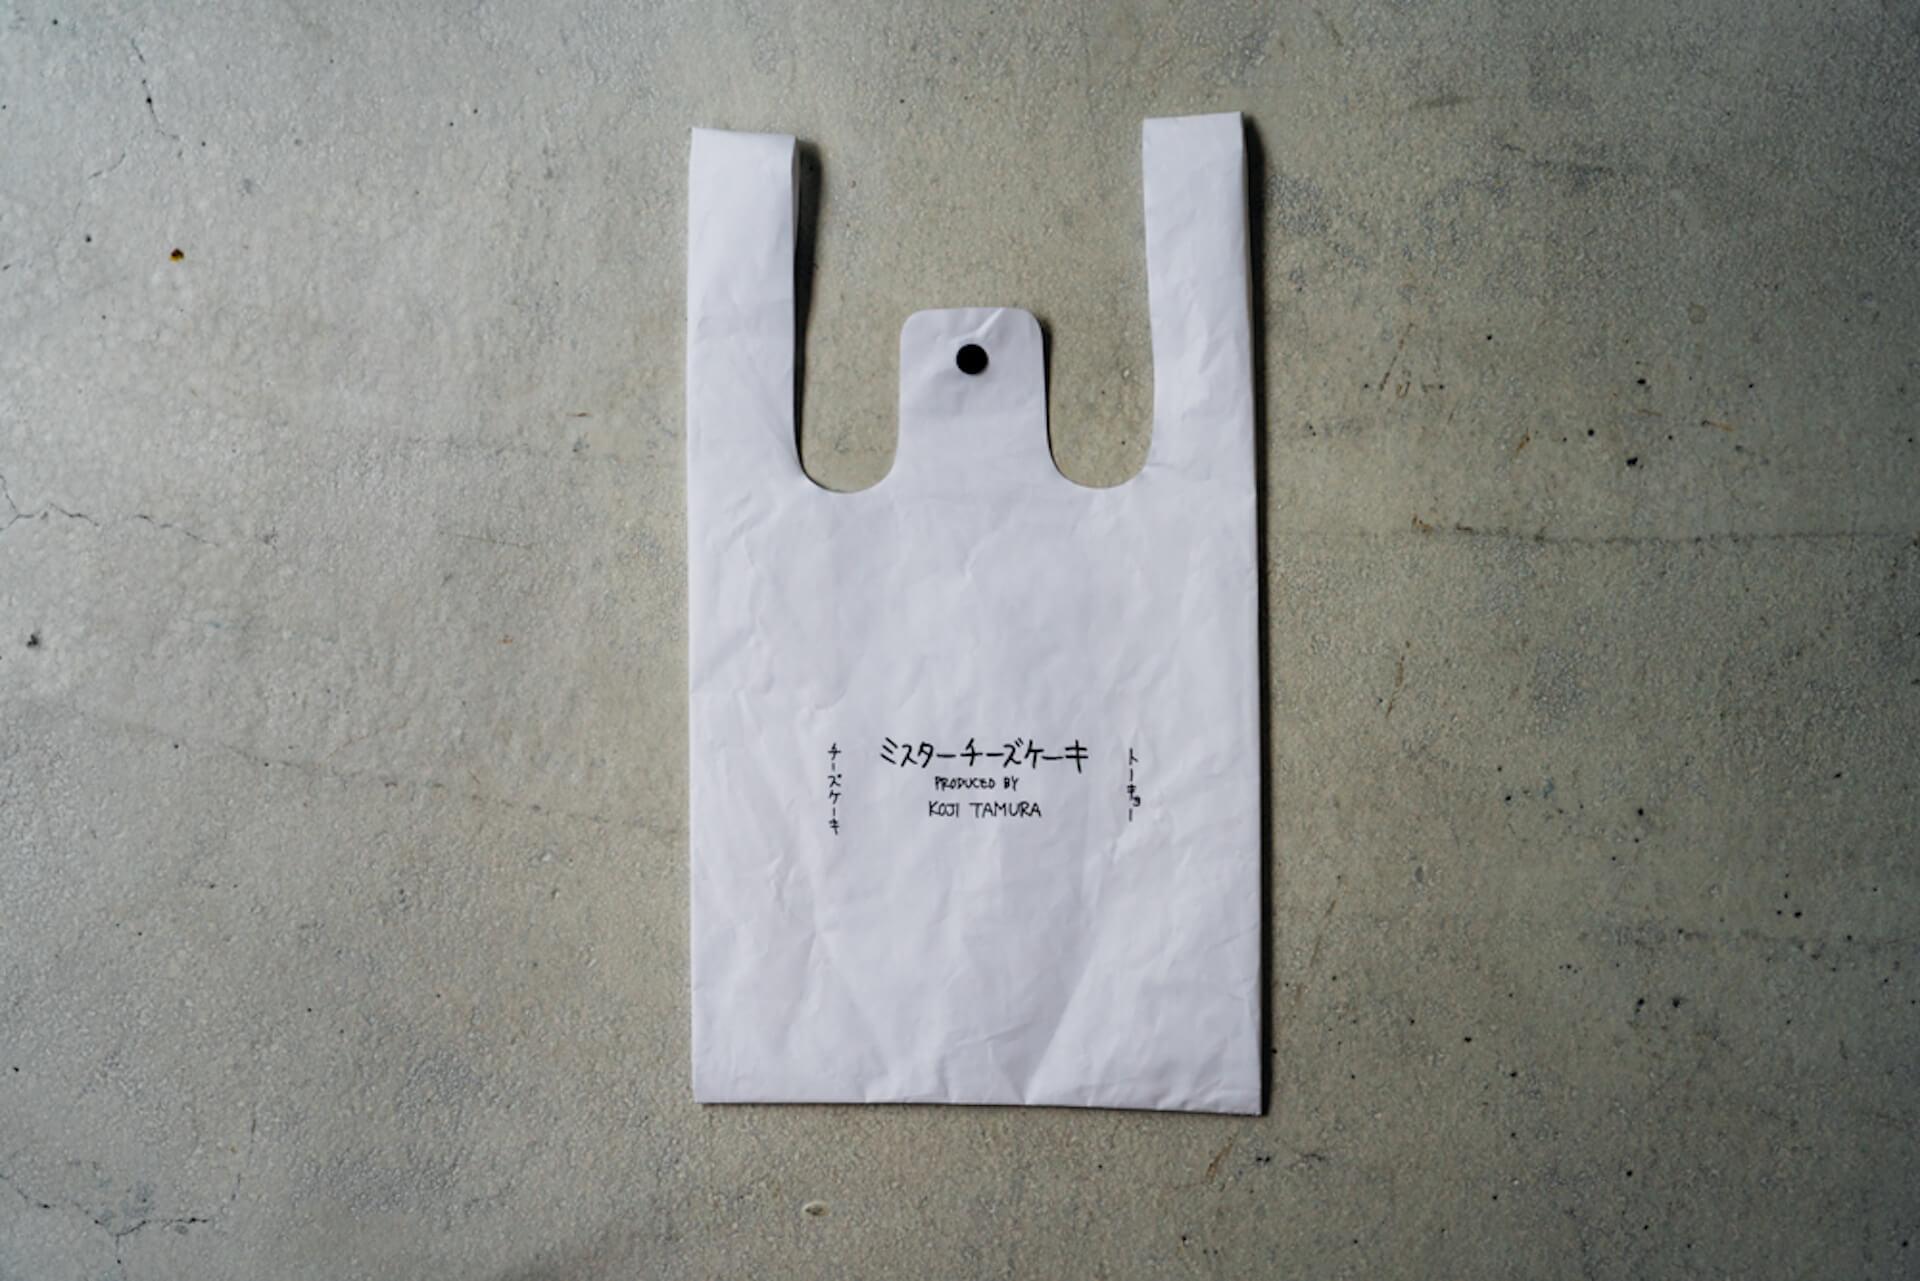 絶品チーズケーキで人気のMr. CHEESECAKEが加賀美健とのコラボショッパーを制作!チーズケーキとのセット商品が発売決定 gourmet201110_mrcheesecake_kagamiken_10